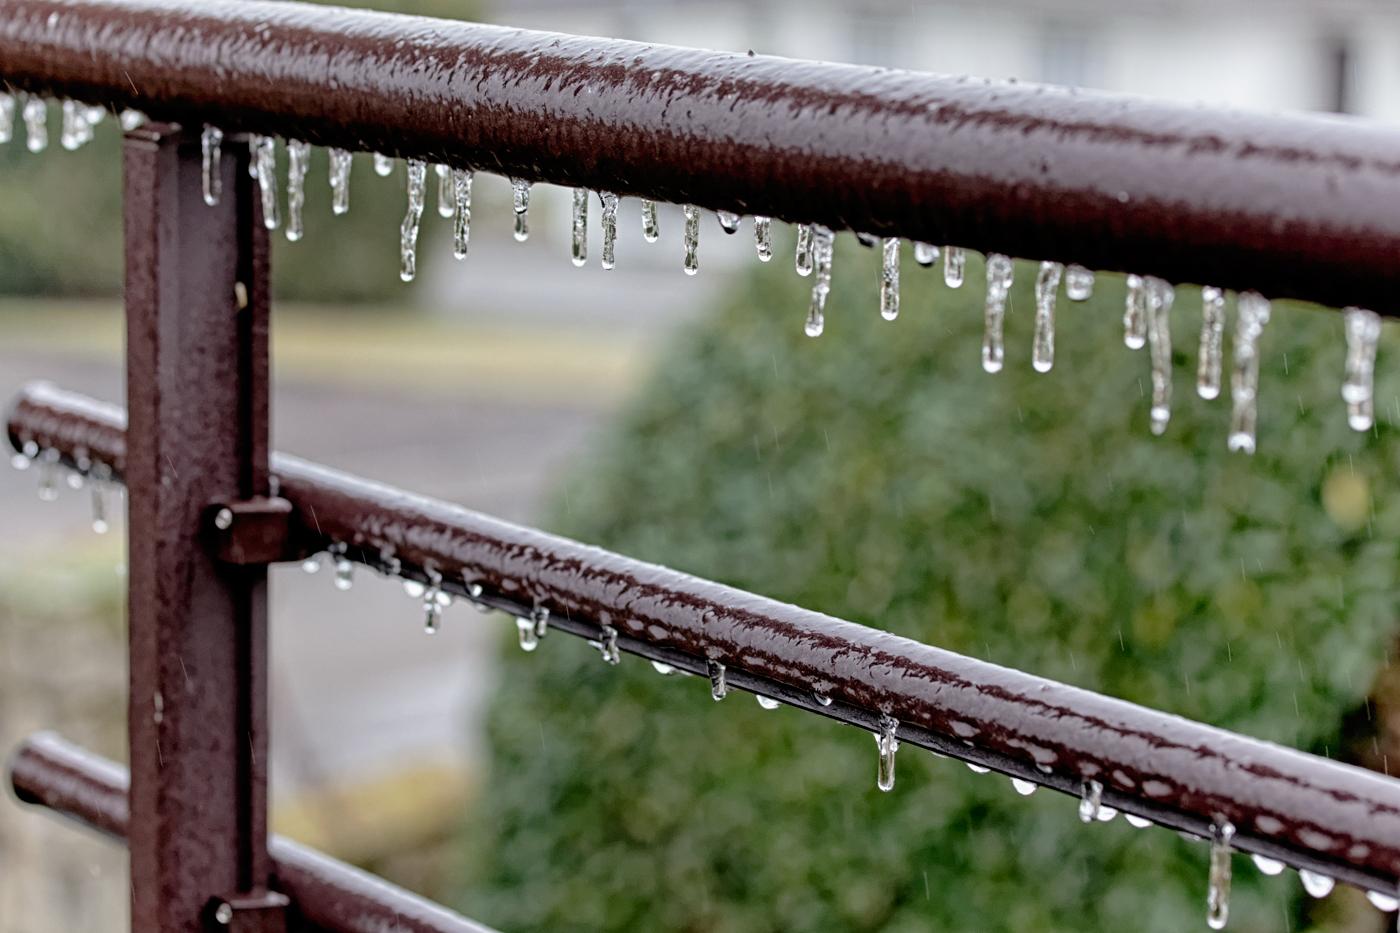 Alerte météo: La pluie verglaçante est toujours prévue